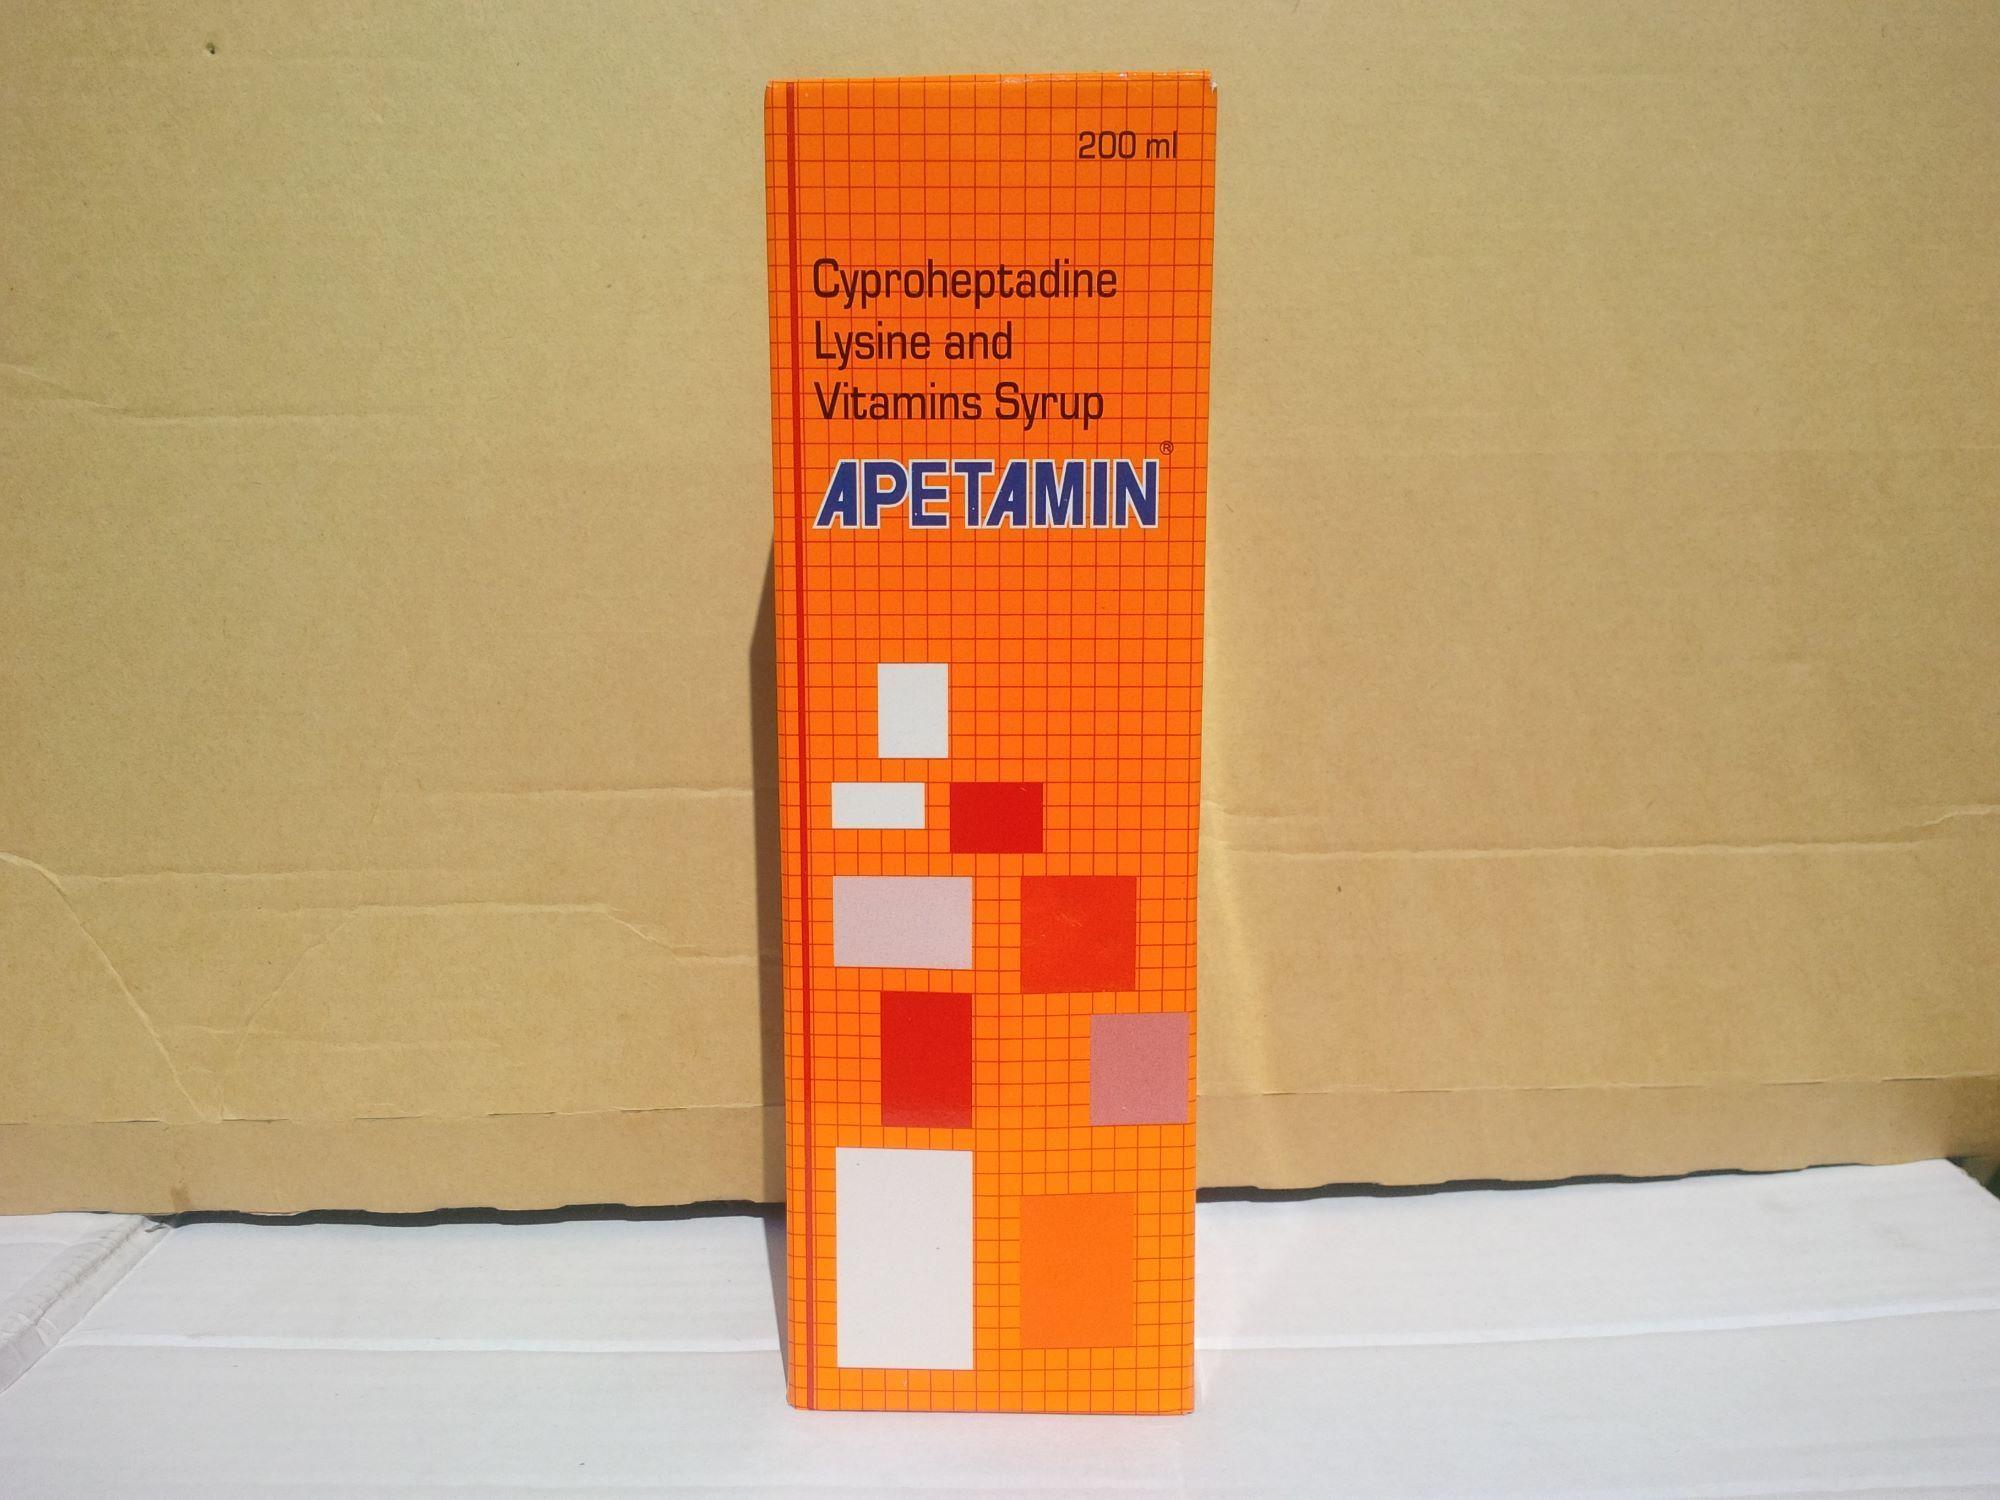 Pin on Apetamin & Supplements